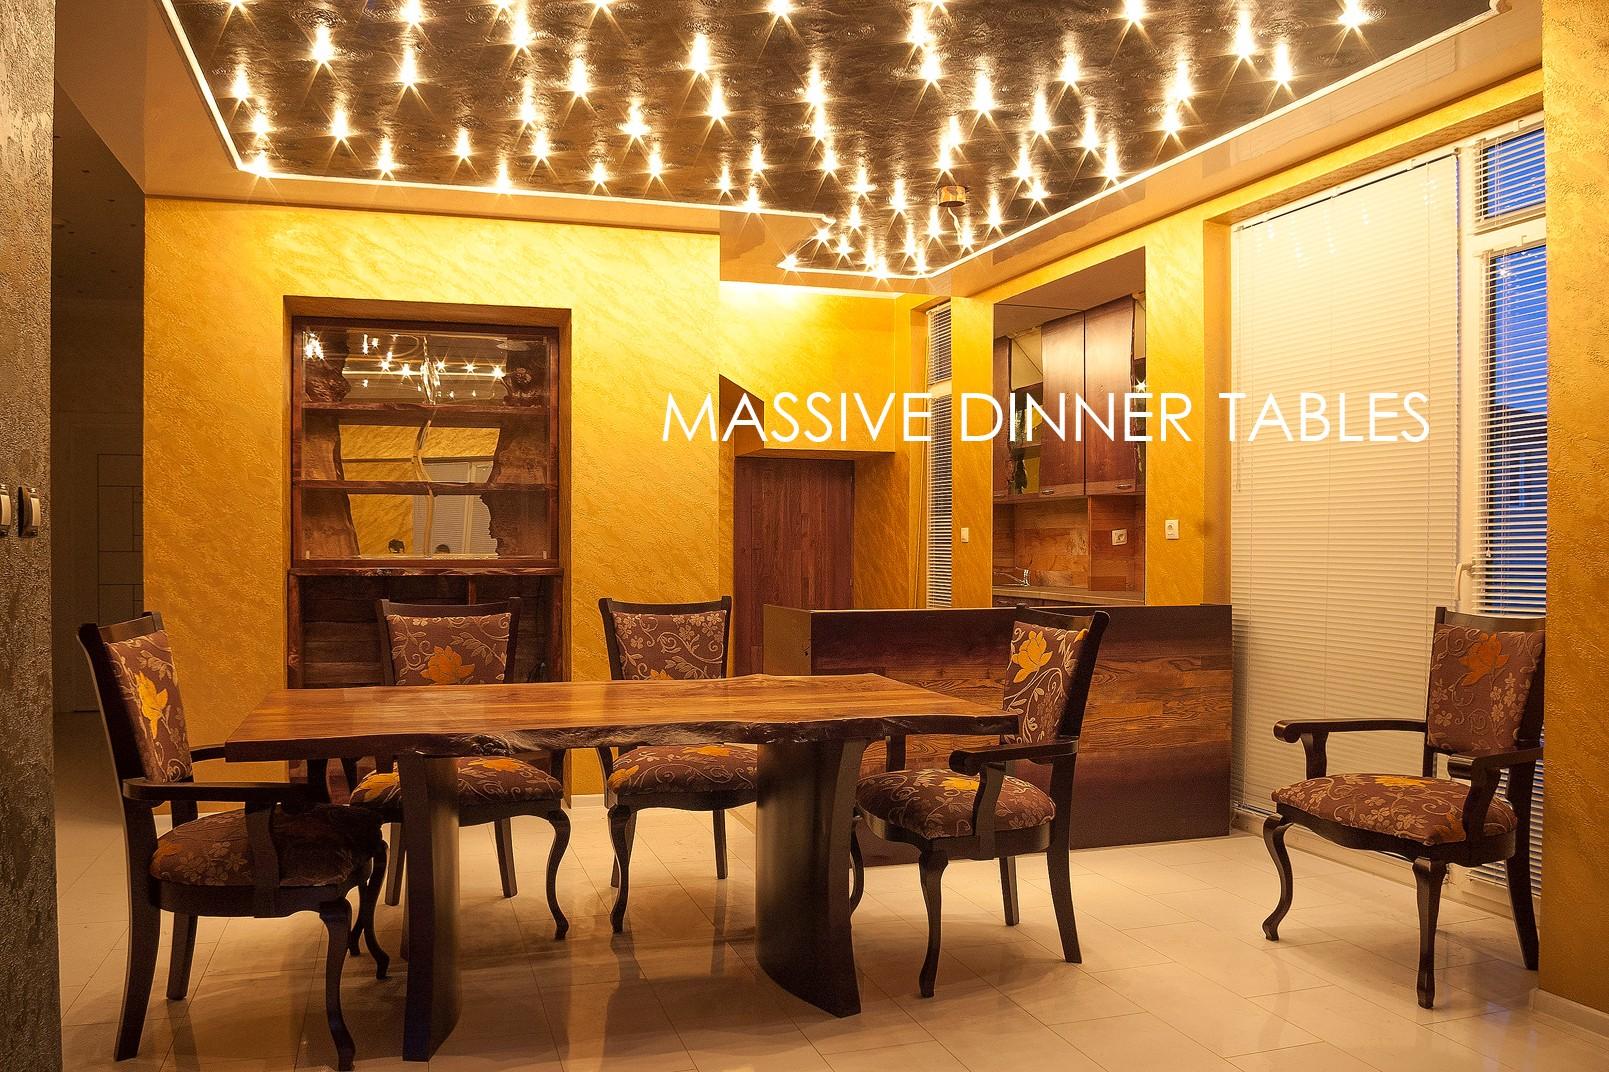 Massive dinner tables